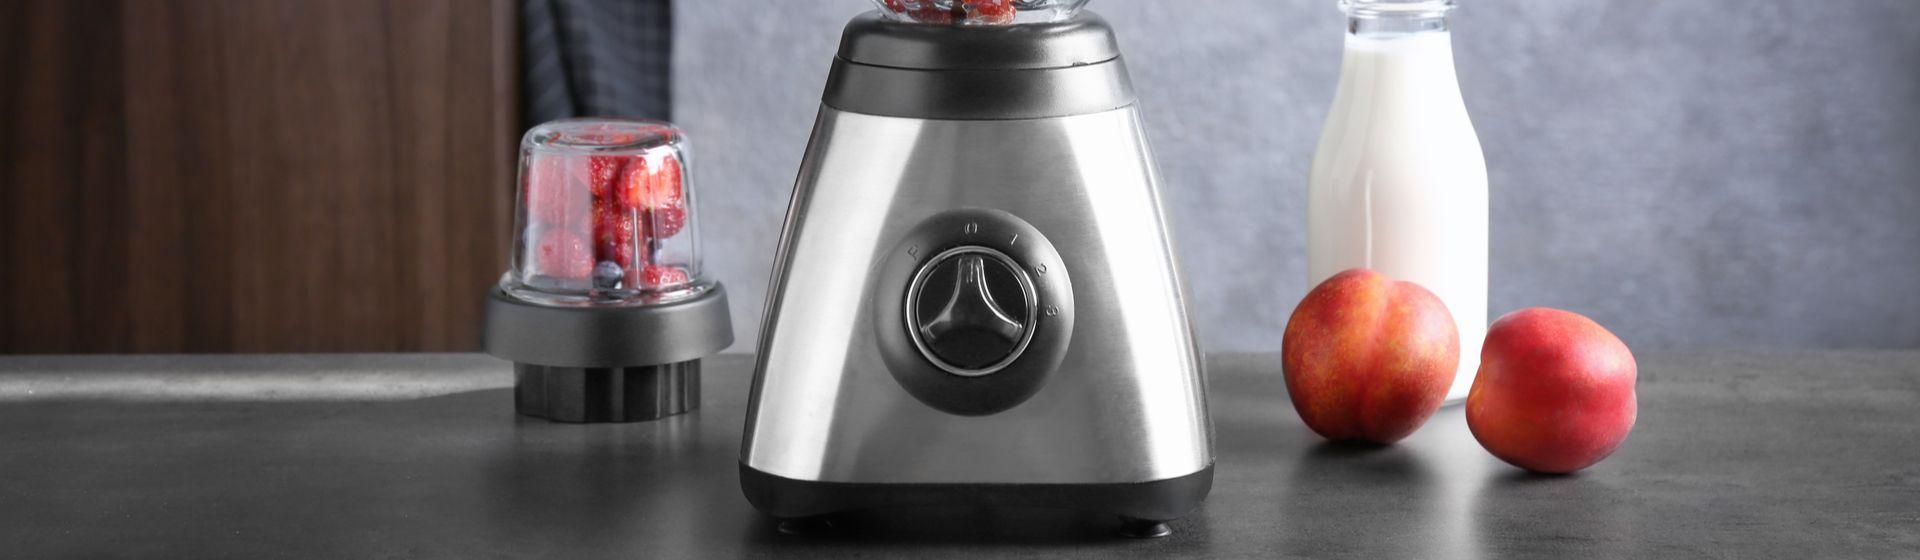 Liquidificador Inox: 10 opções para comprar em 2020